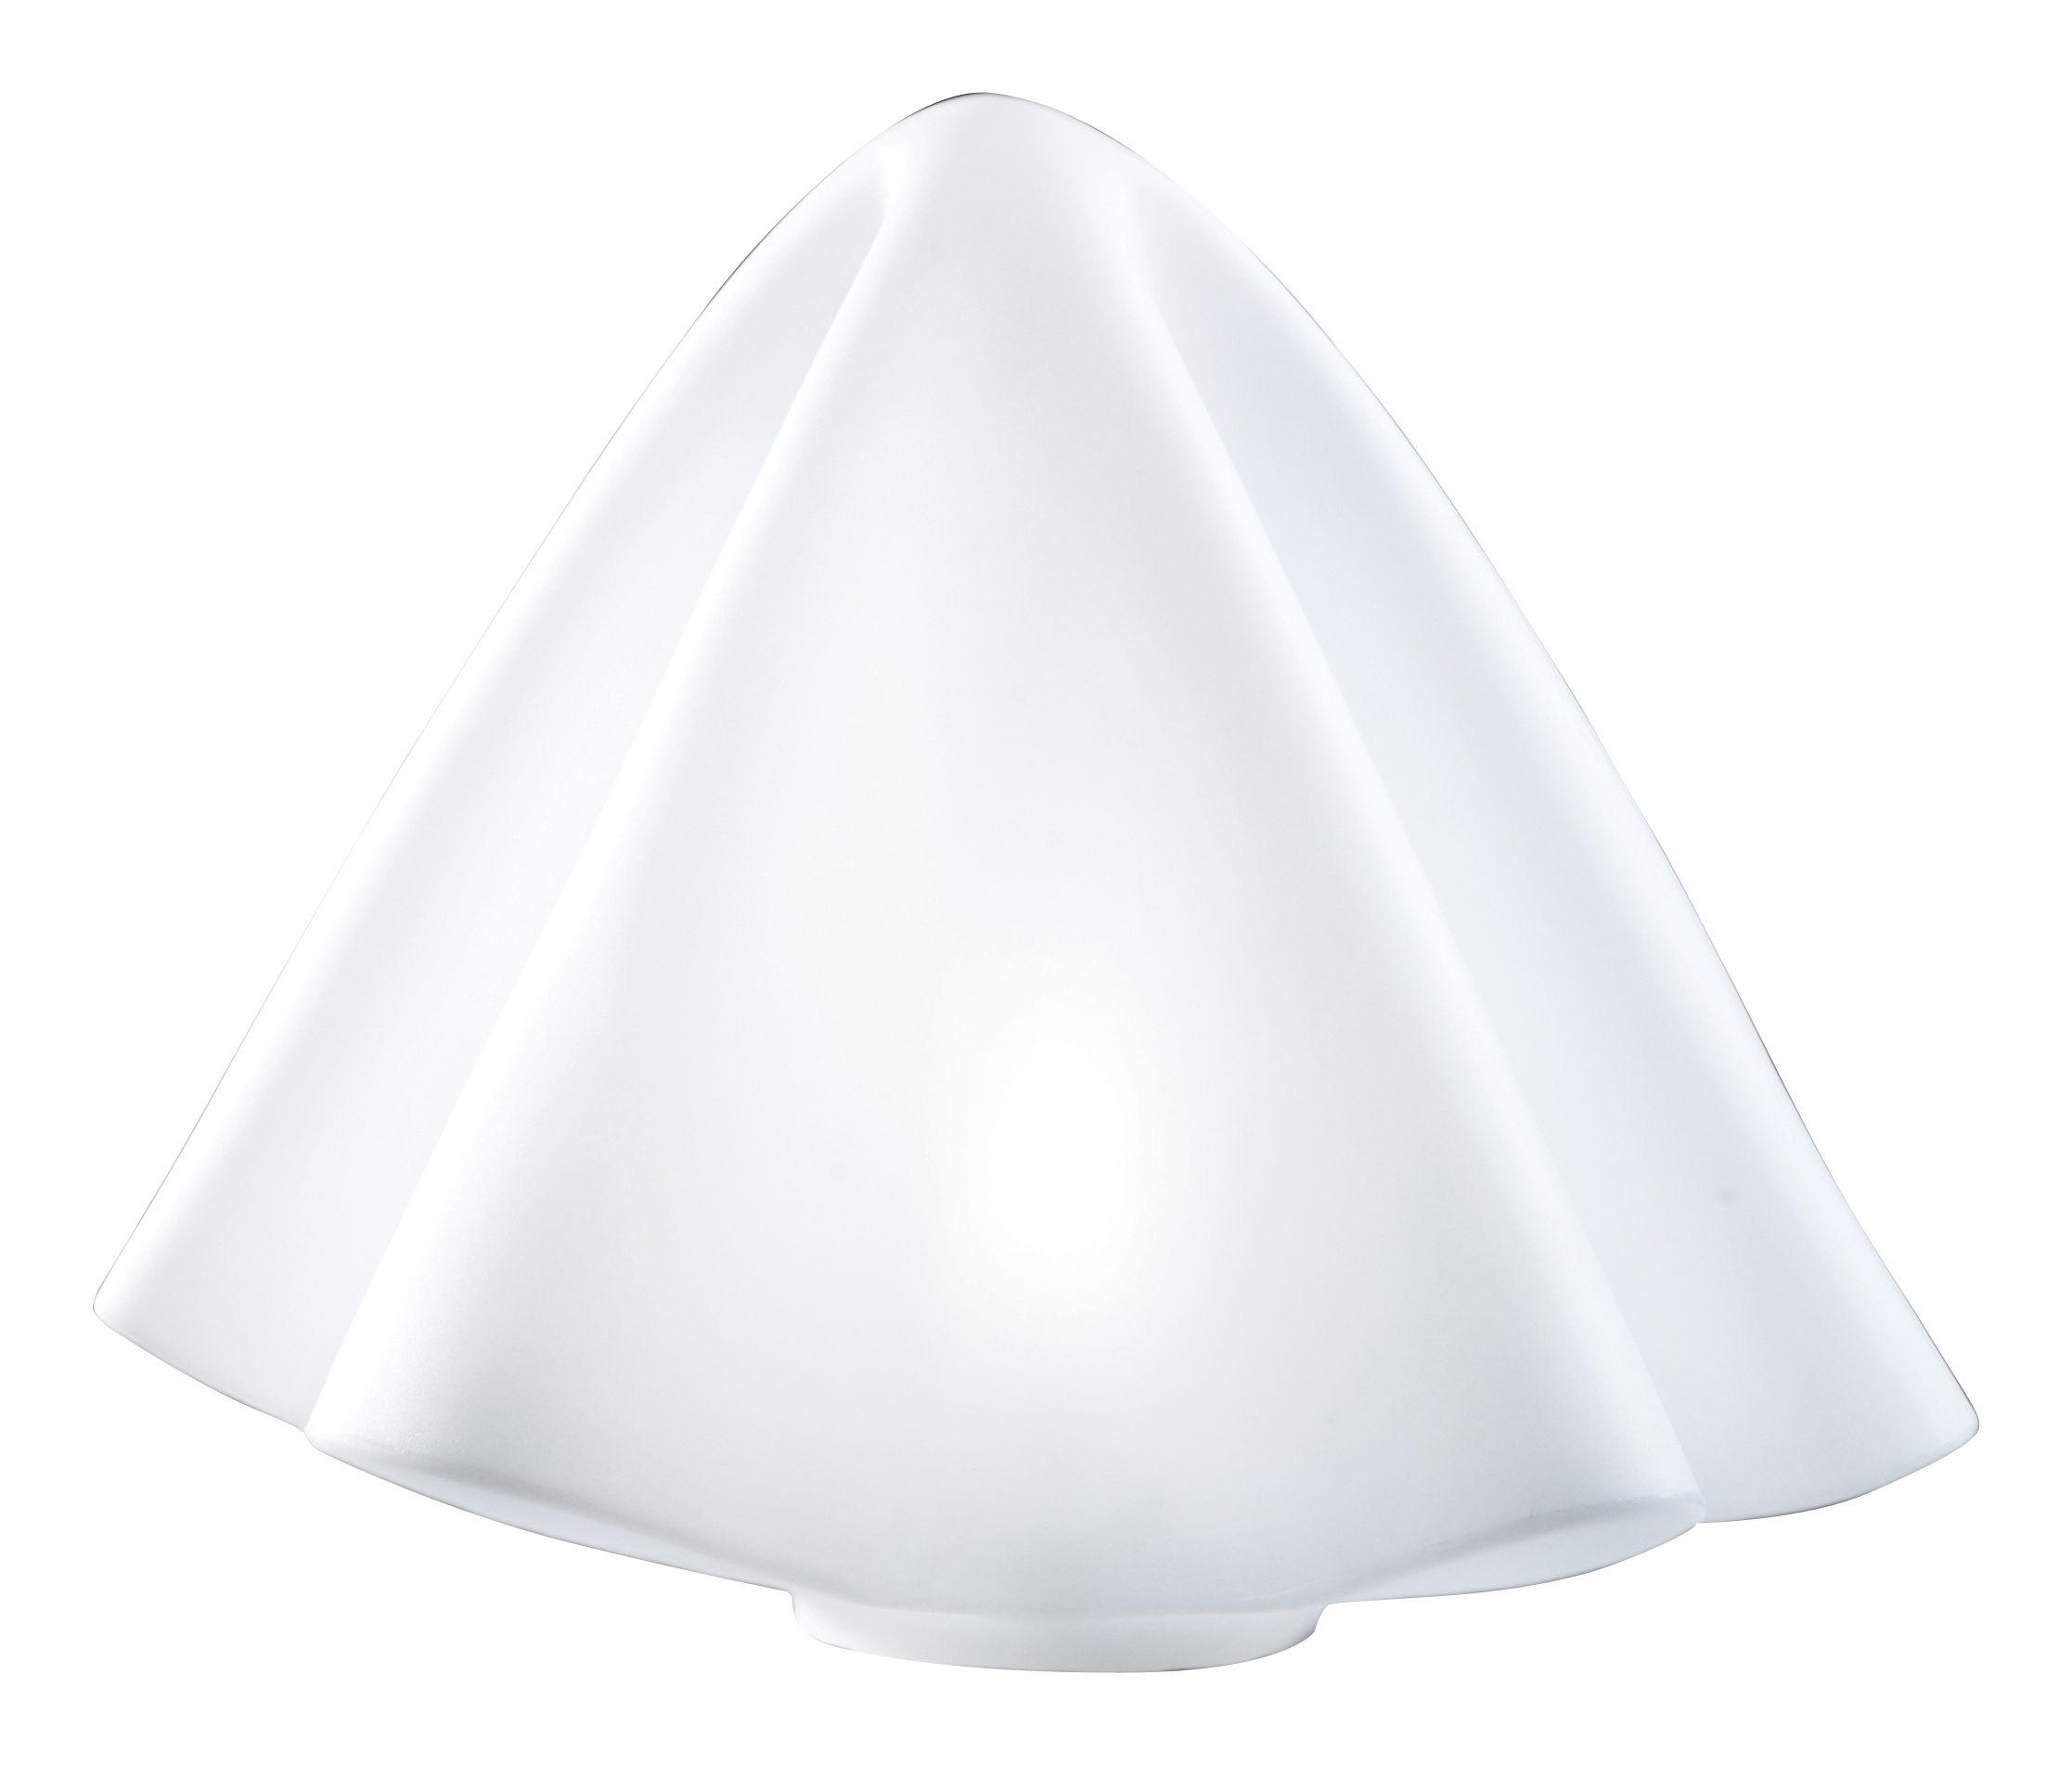 Leuchten - Tischleuchten - Manteau Bodenleuchte H 45 cm / Tischlampe - Slide - Weiß - Polyäthylen